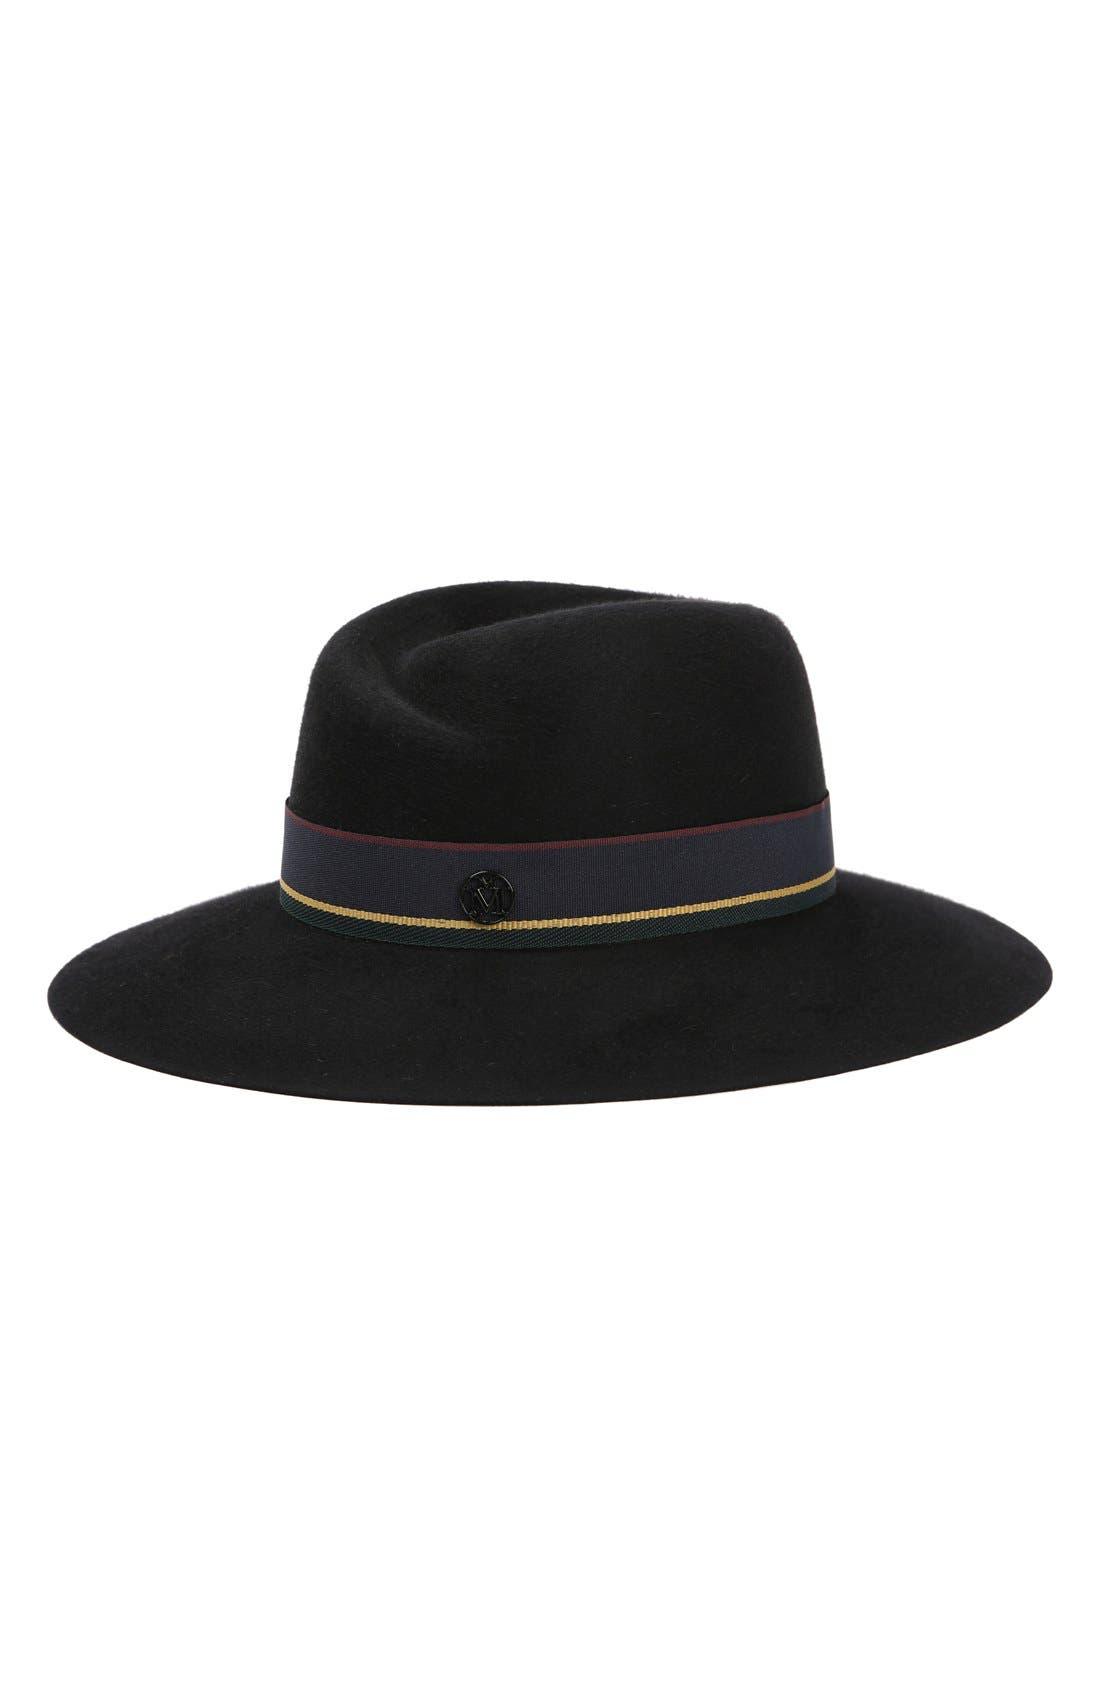 Maison Michel Virginie Fur Felt Hat